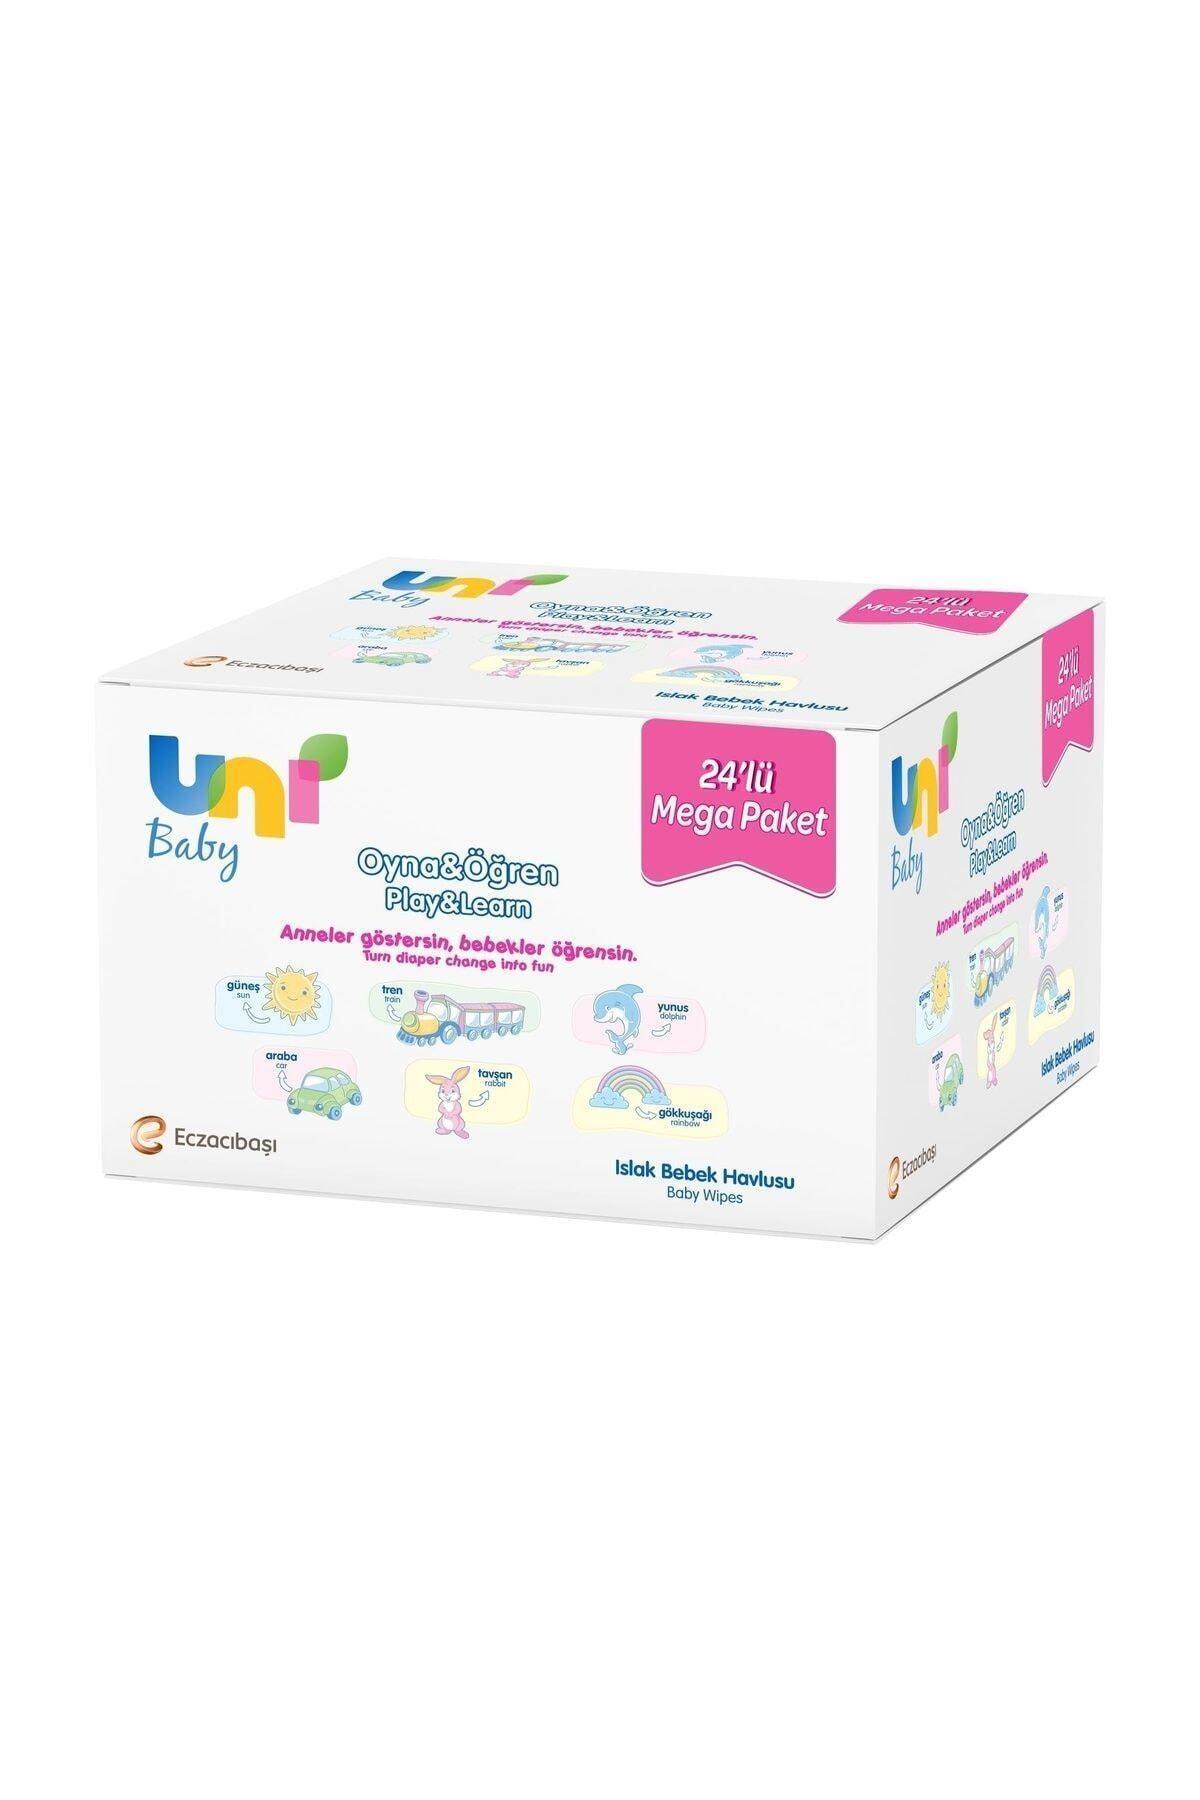 Uni Baby Oyna Öğren Islak Mendil 24'lü - Fırsat Paketi 1248 Yaprak 1